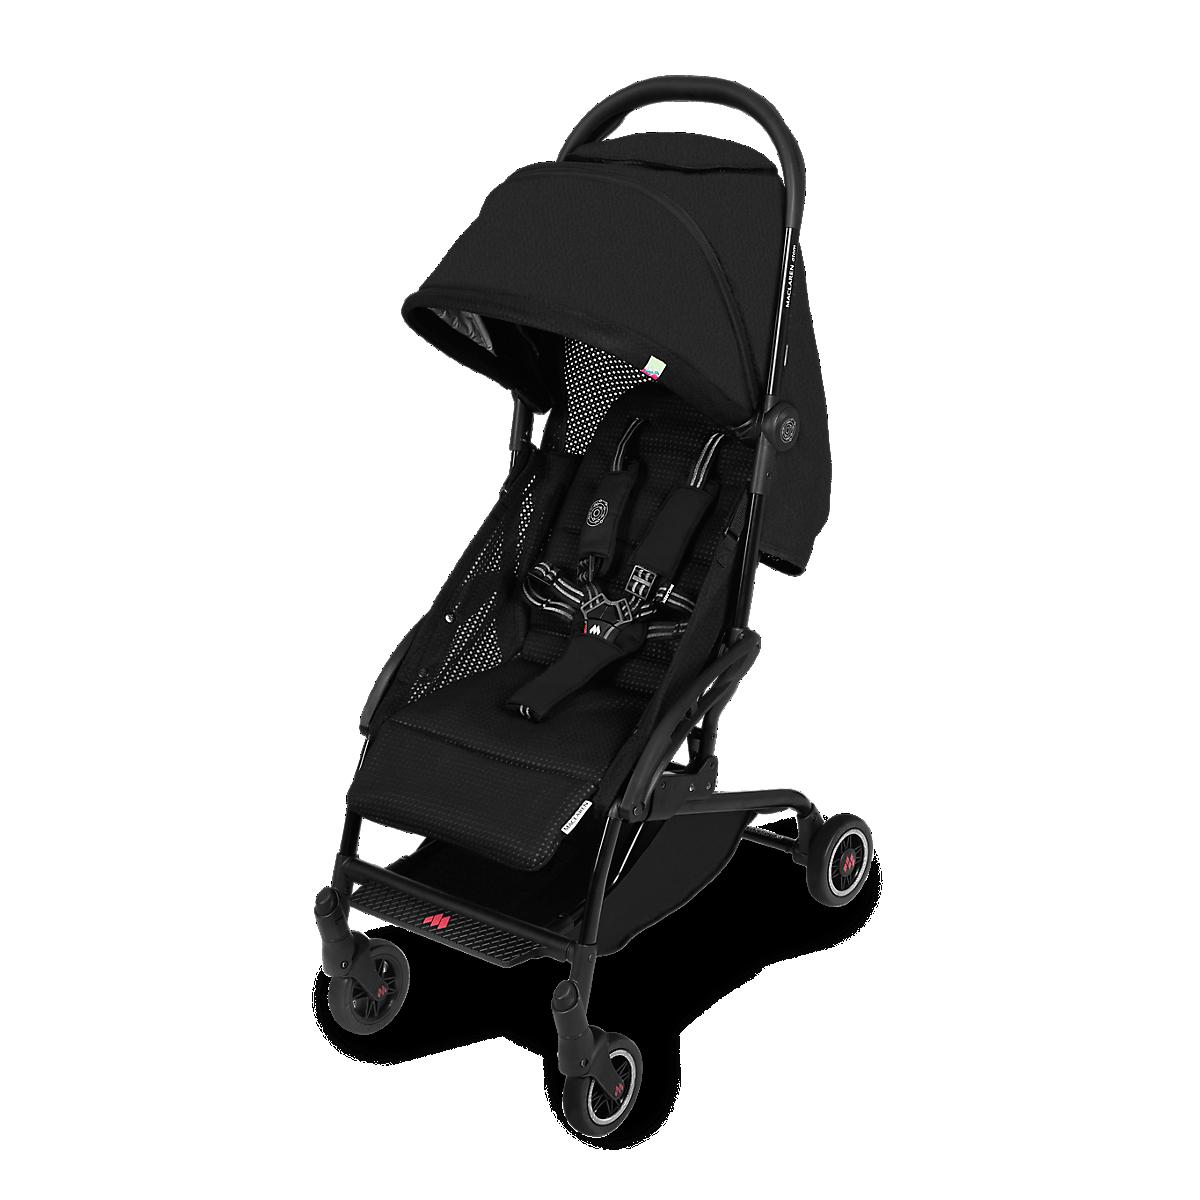 *New Launch* Maclaren UK Atom Stroller with Lifeti